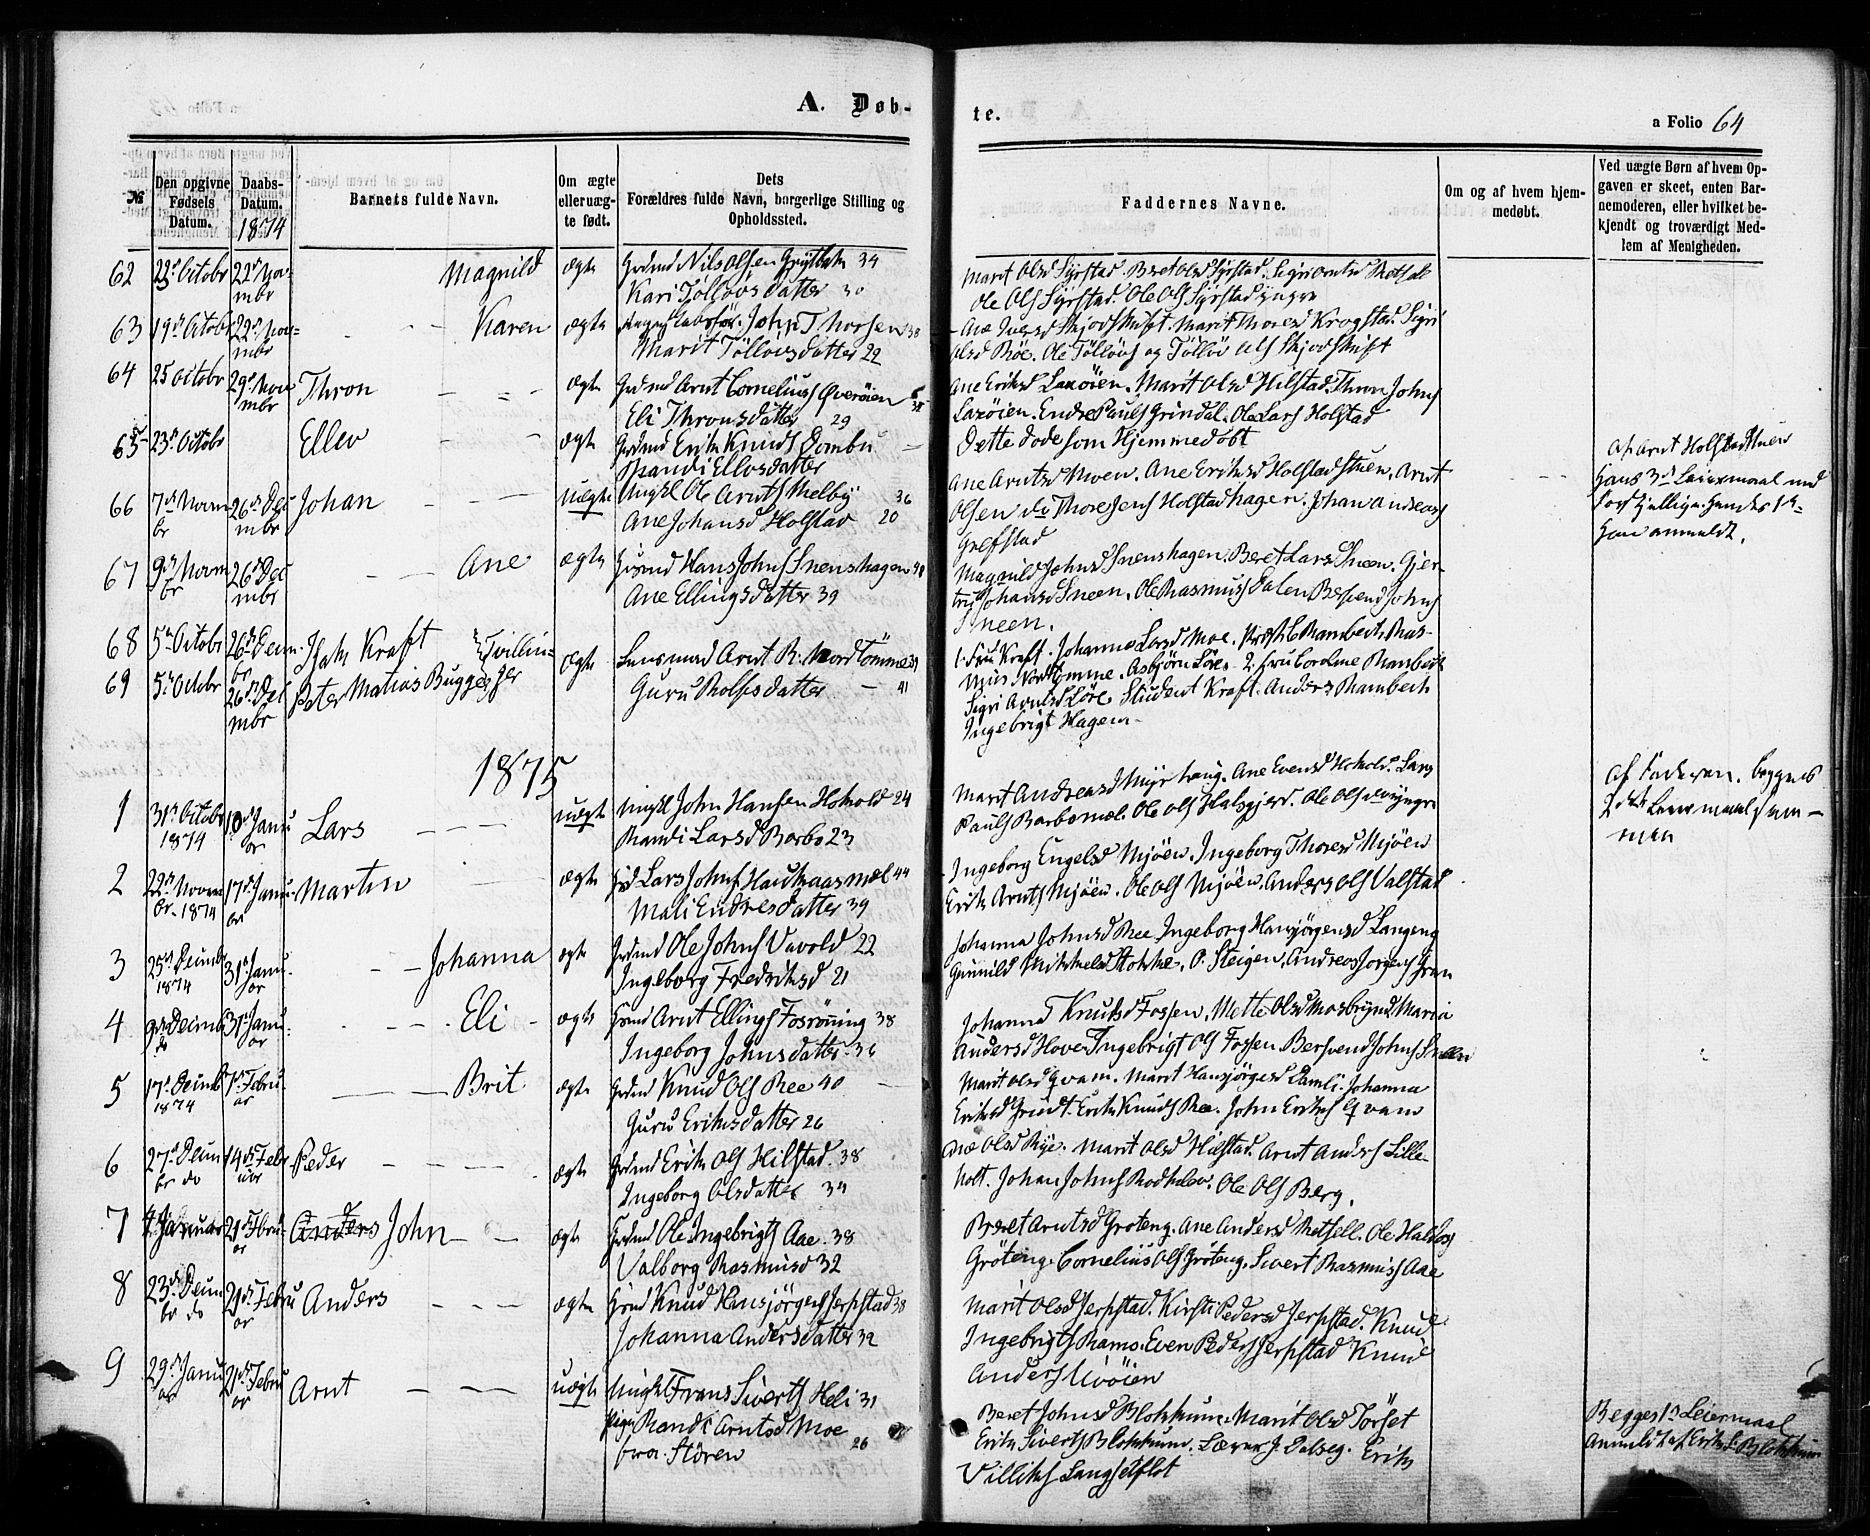 SAT, Ministerialprotokoller, klokkerbøker og fødselsregistre - Sør-Trøndelag, 672/L0856: Ministerialbok nr. 672A08, 1861-1881, s. 64